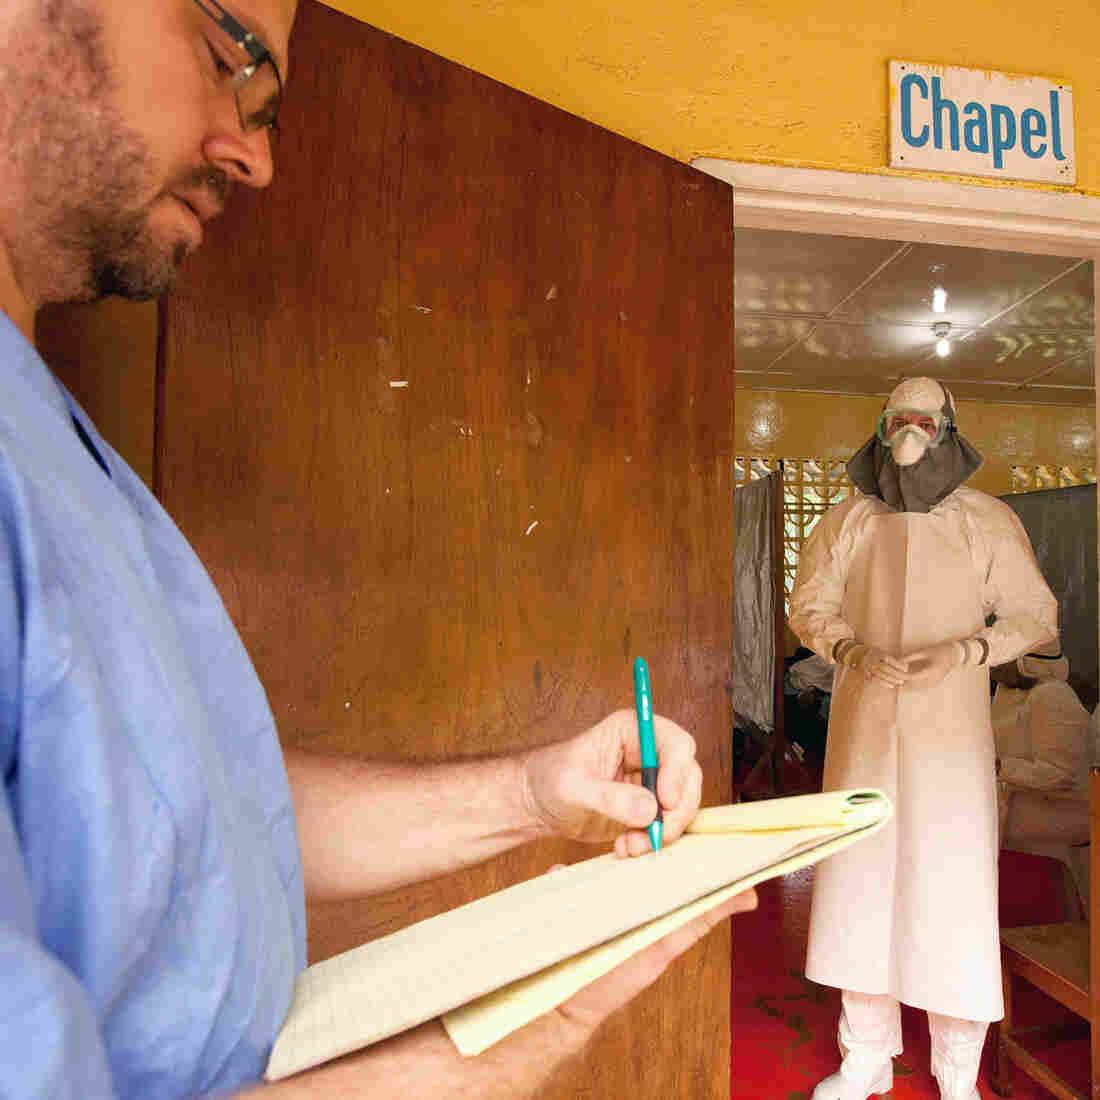 2 Americans Catch Ebola In Liberia, As Nigeria Reports First Case